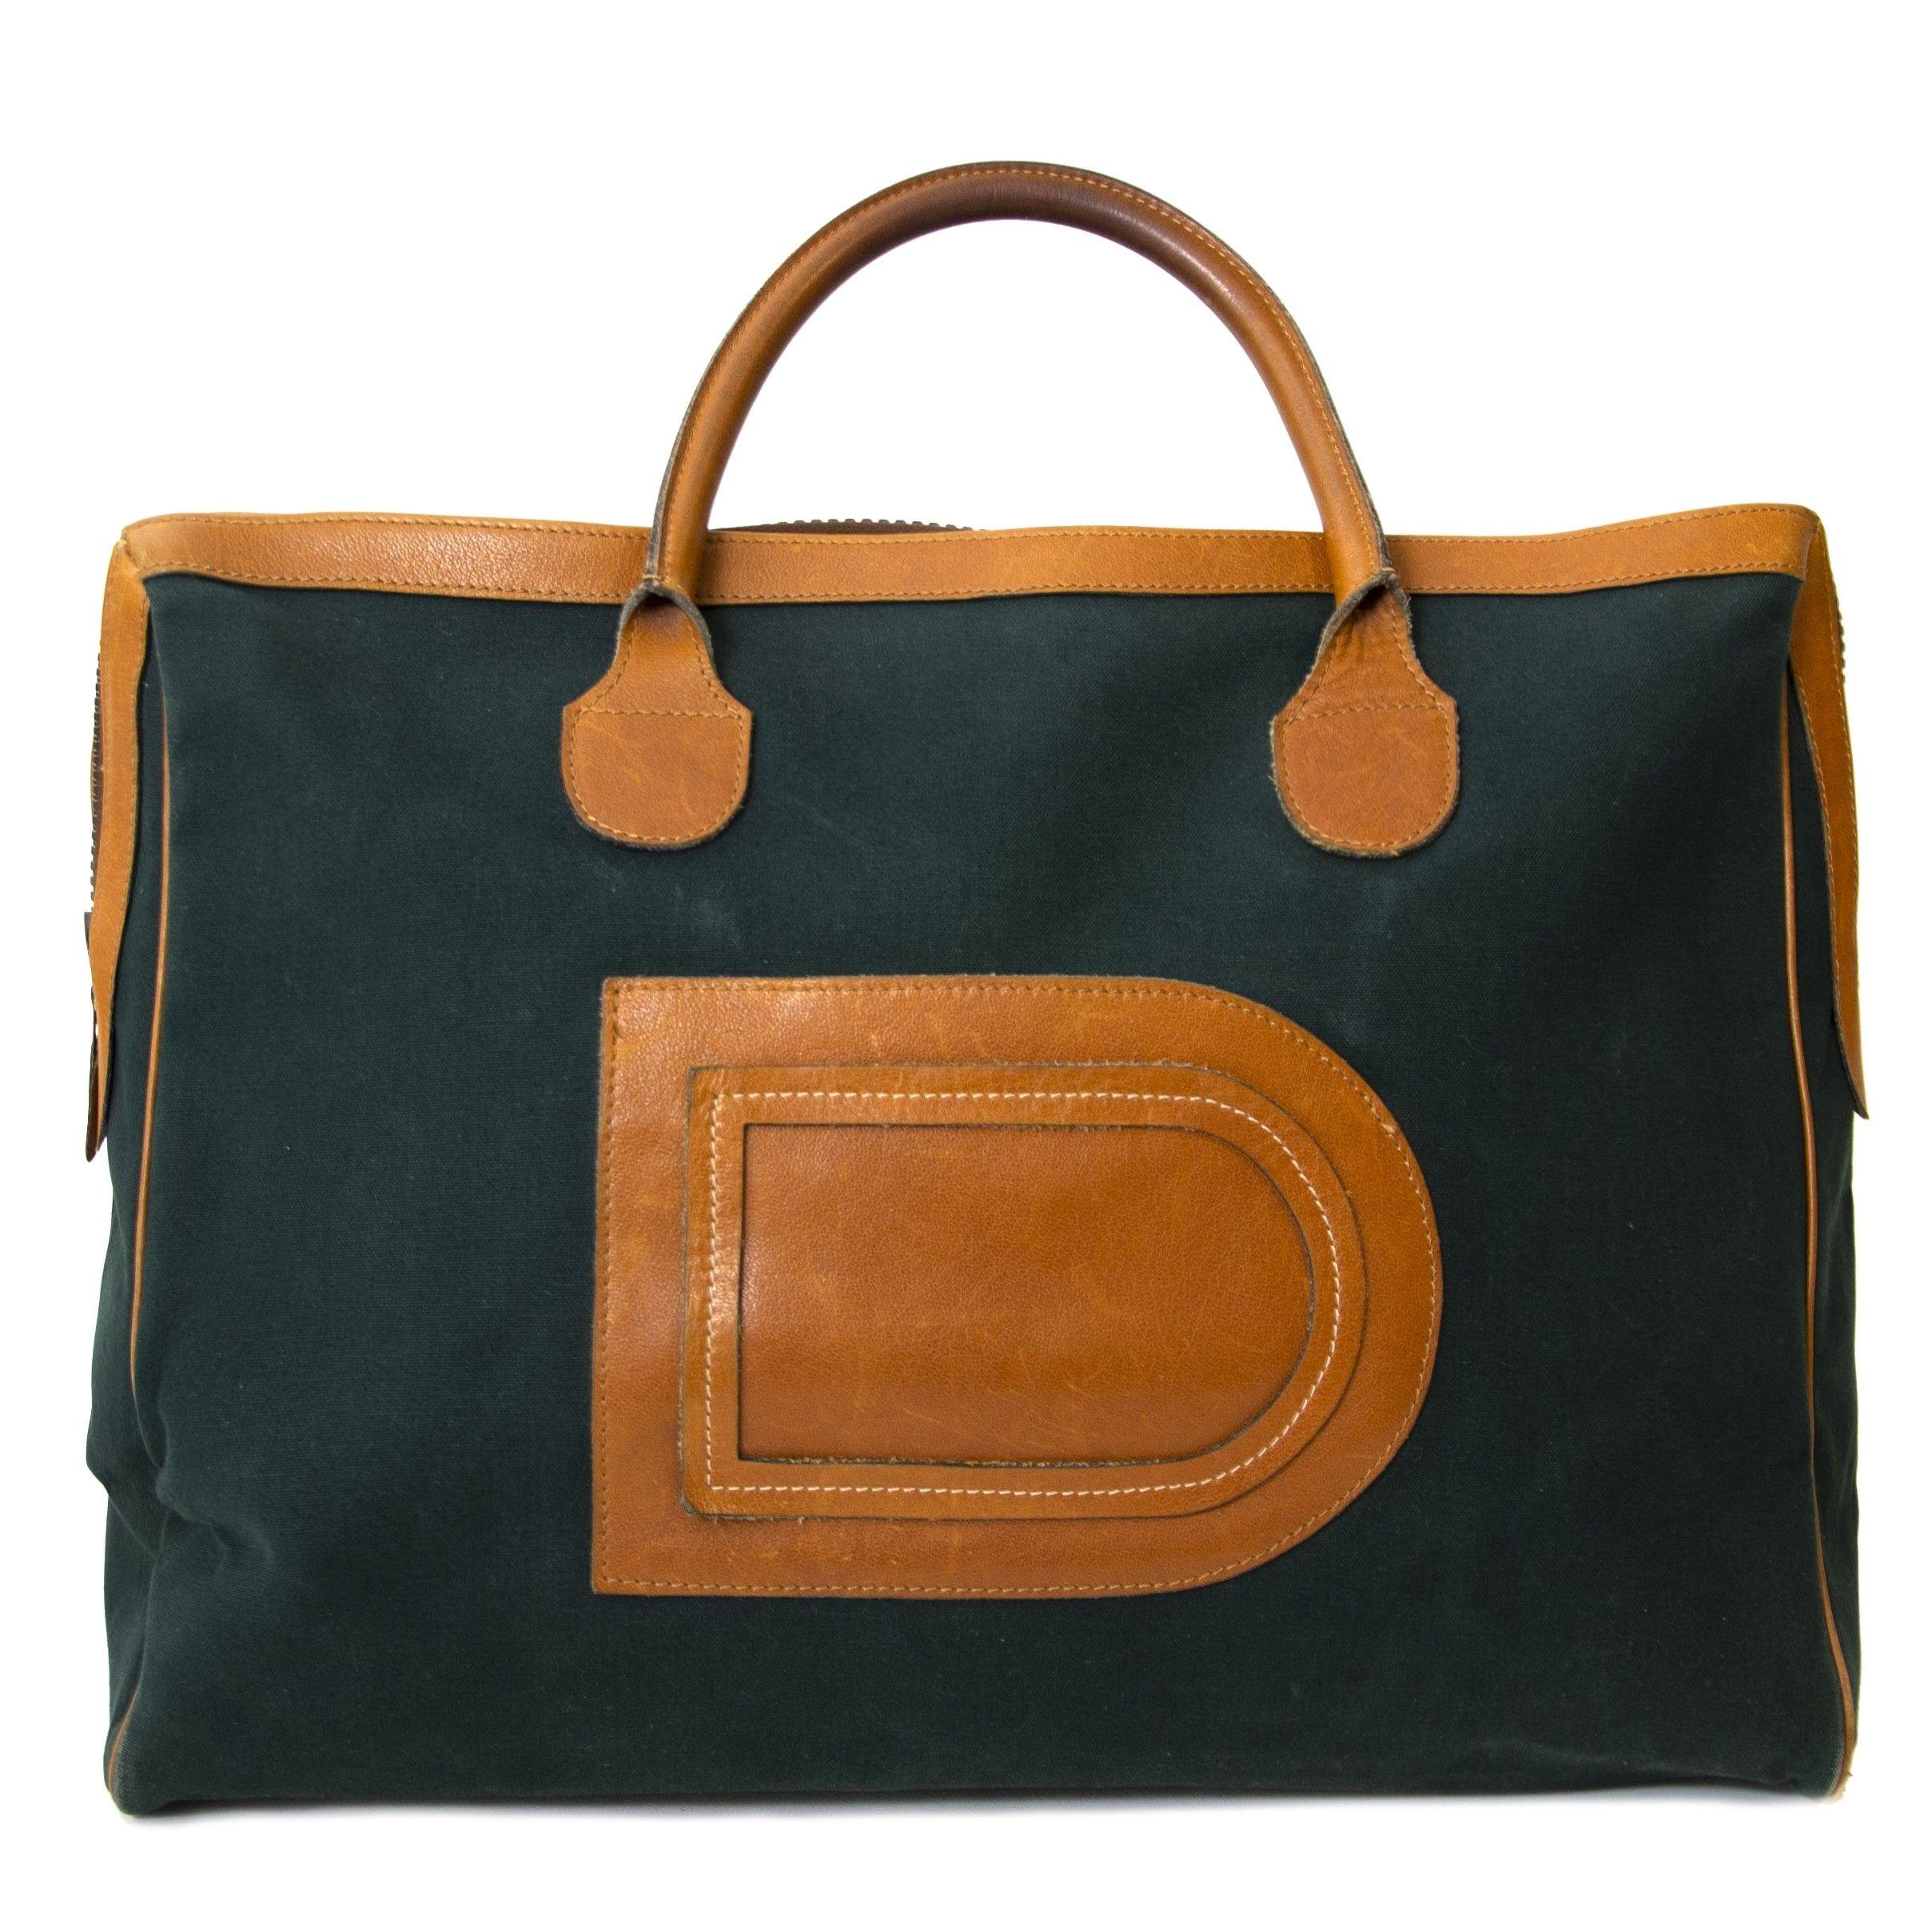 6b30d2b44f7d Delvaux Taxi Top Handle Bag Green   Shop Labellov in 2019   Bags ...